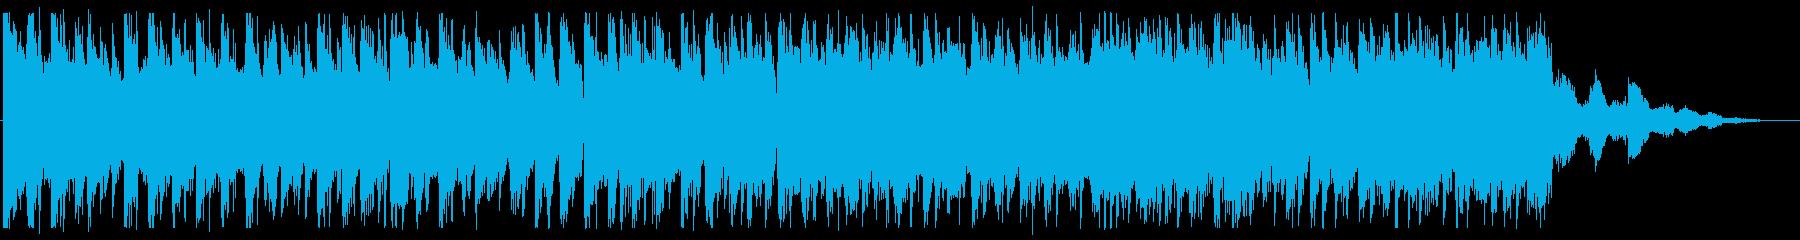 煌びやかなディスコ_No693_5の再生済みの波形